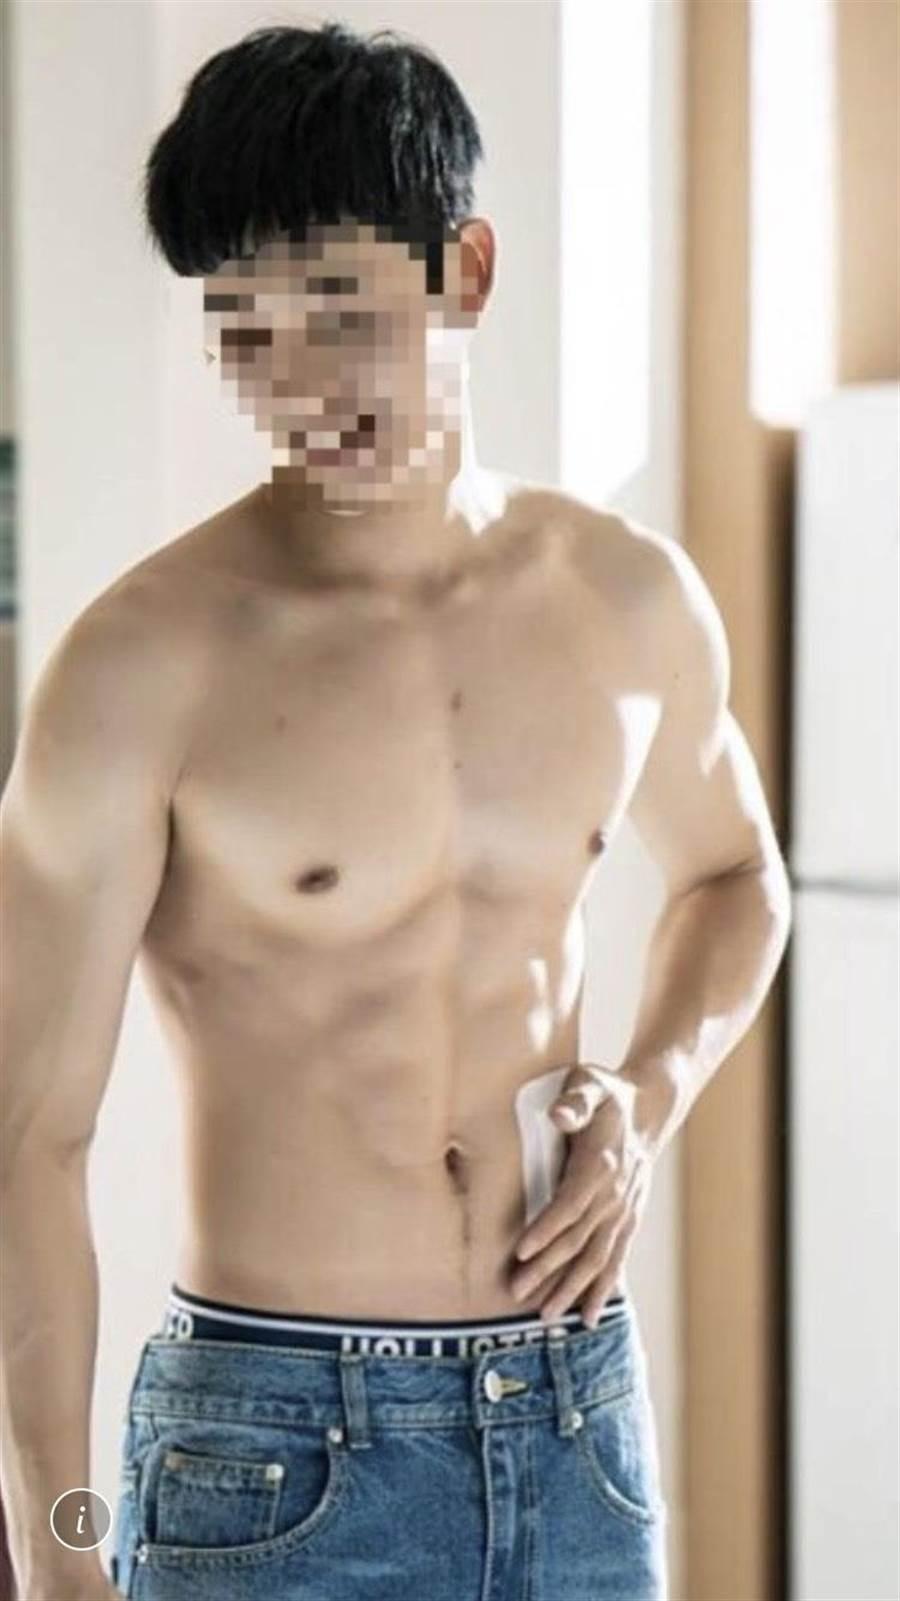 詐騙集團盜用帥氣男子照片,佯裝花美男詐騙女性華僑。(林郁平翻攝)